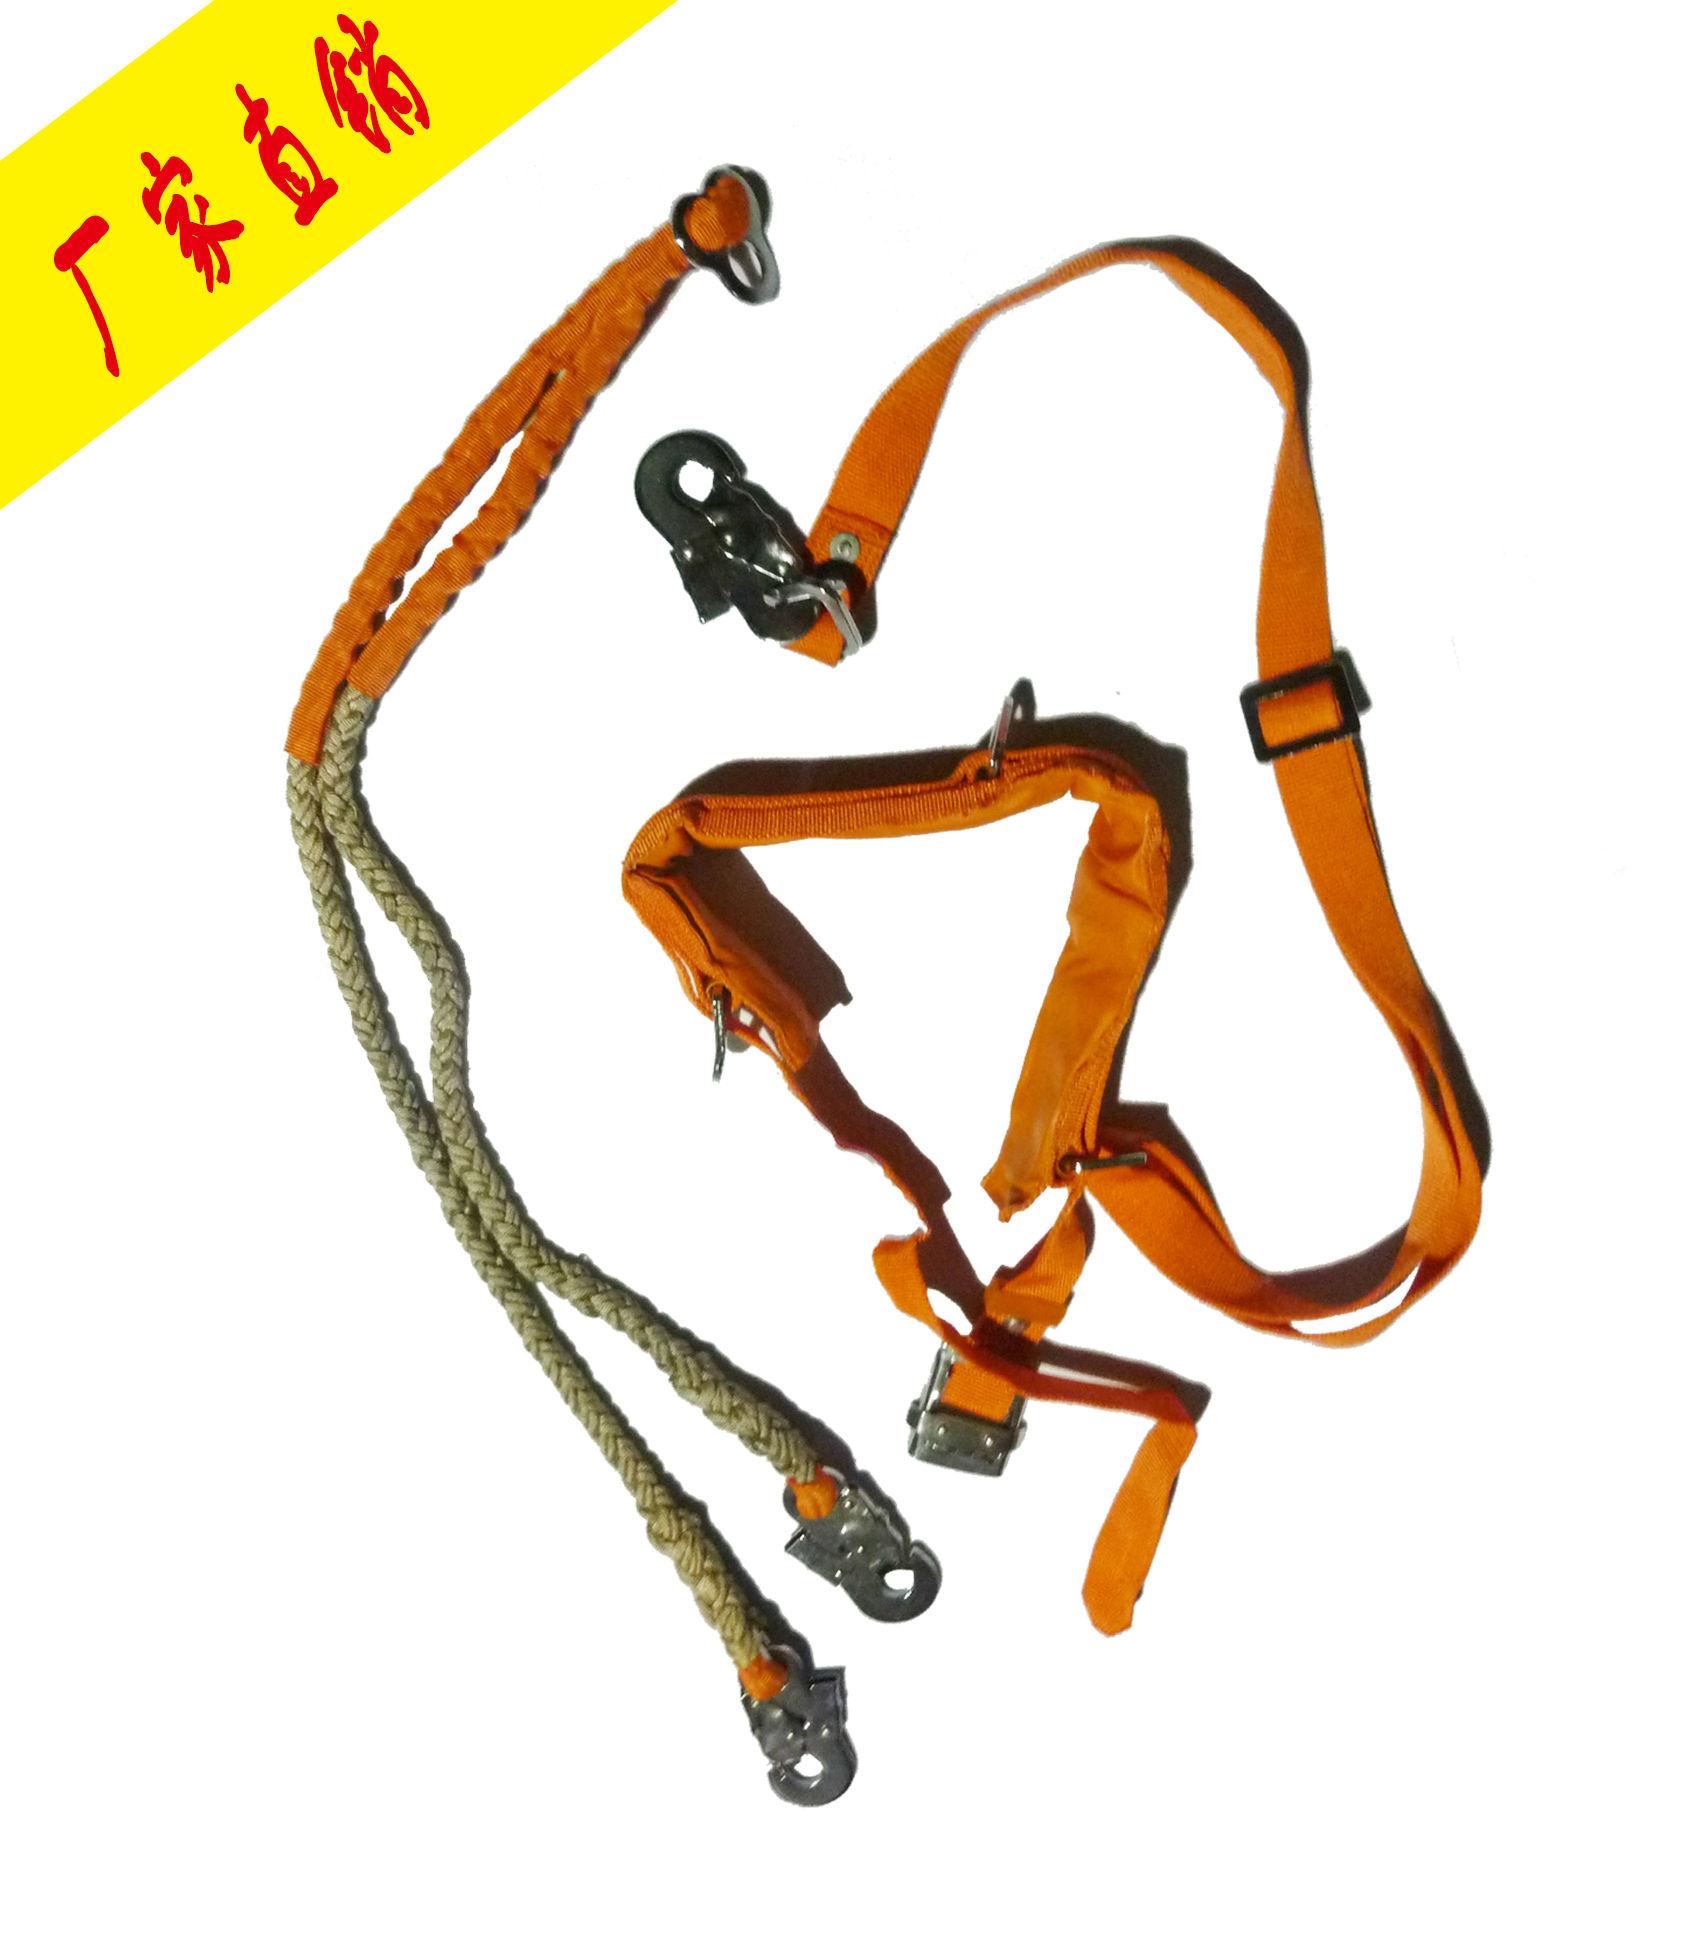 电工双保险安全带 电力专用双保险安全带 高强度电工双保险安全带